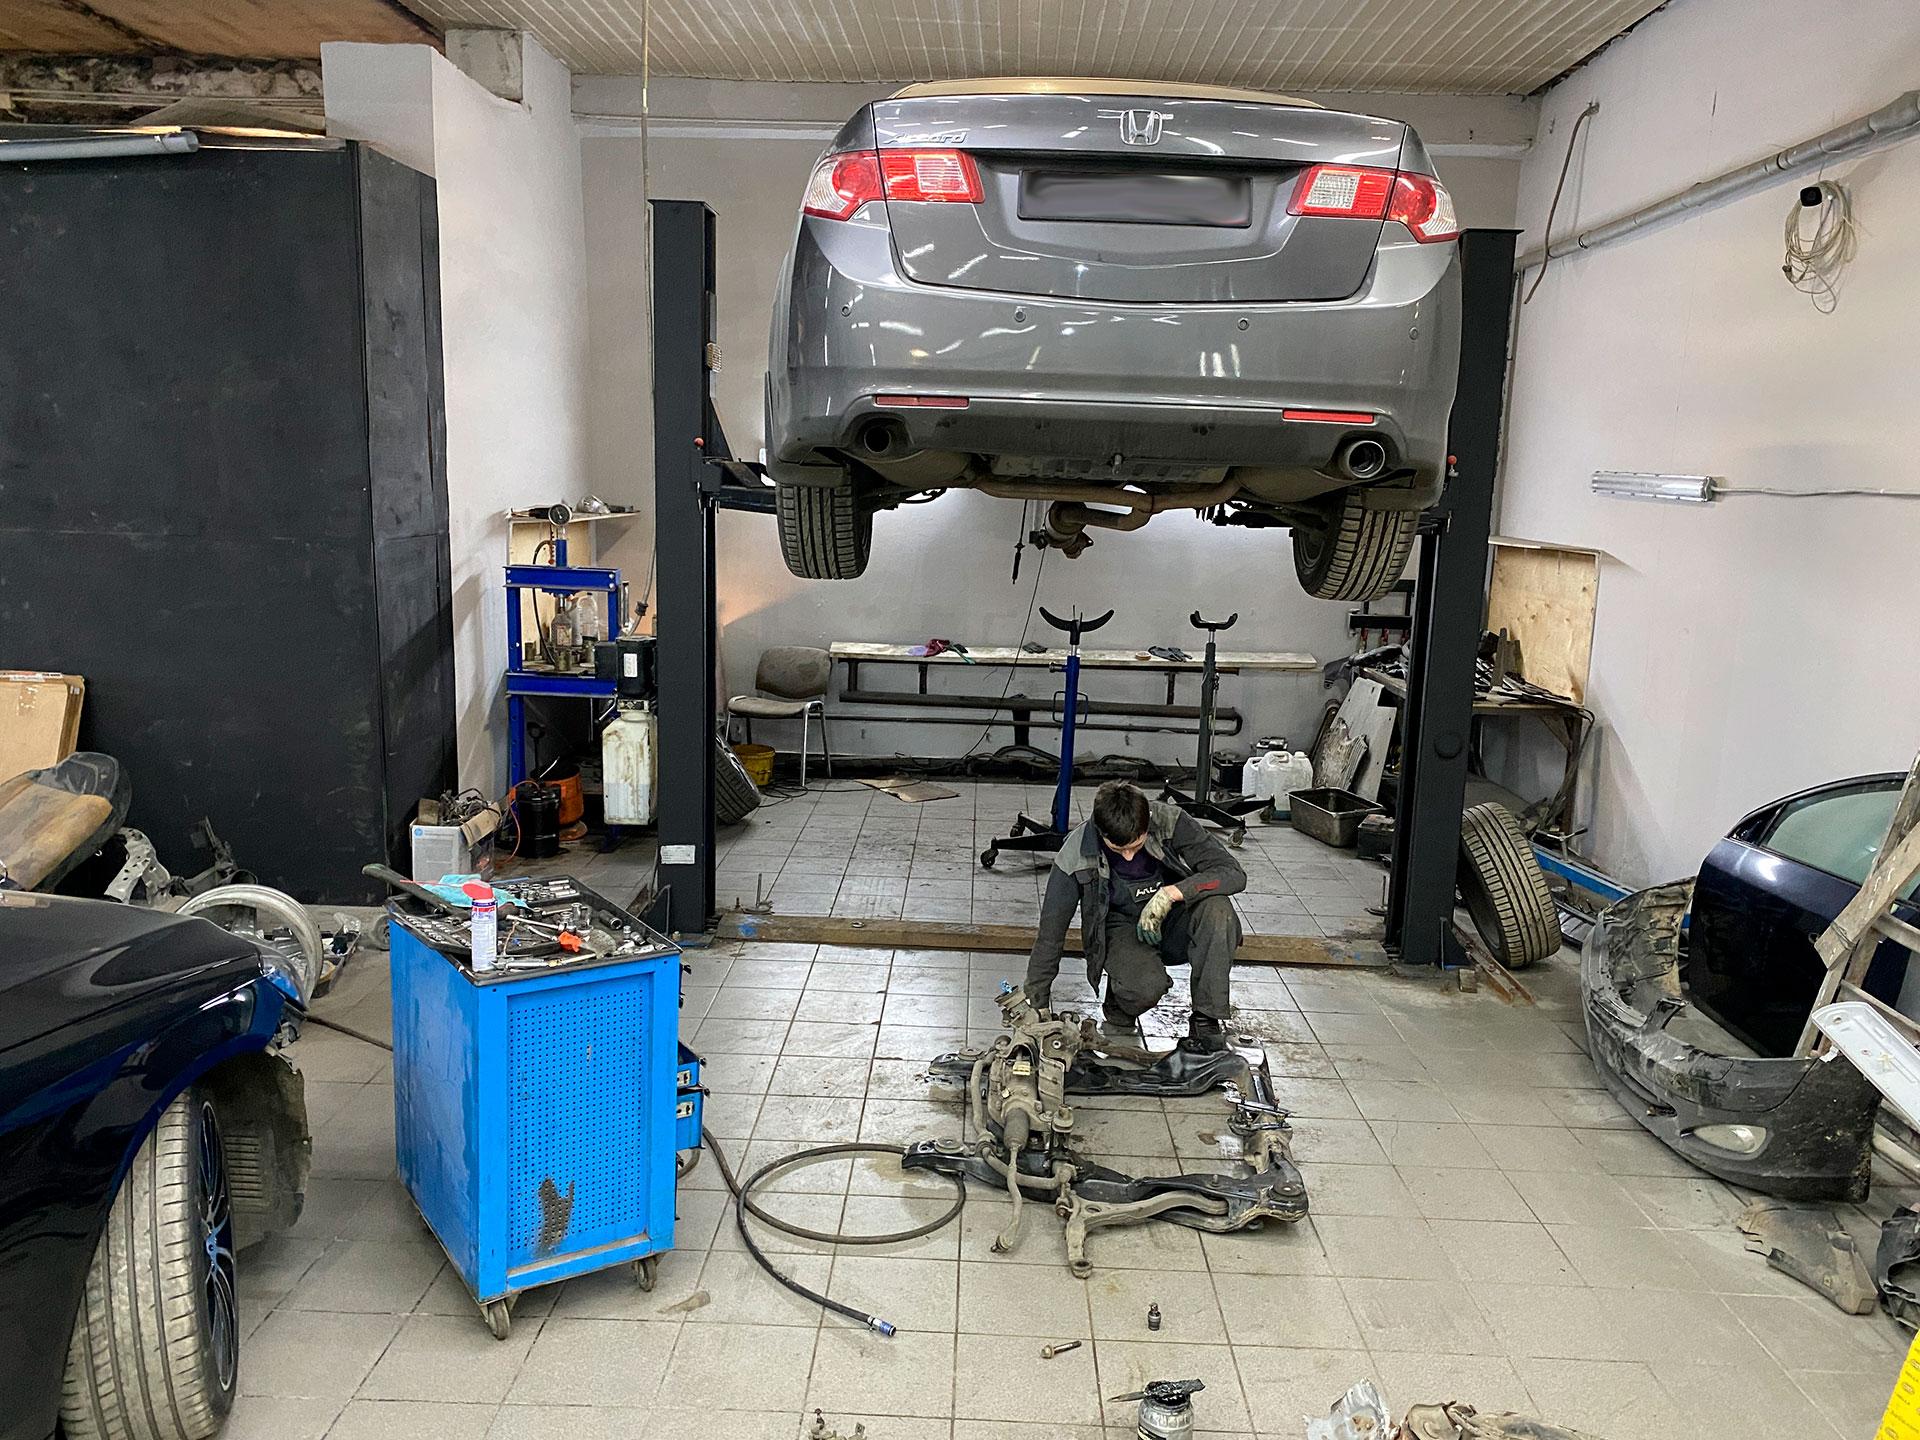 Honda accord установка переднего подрамника, после сильного ДТП